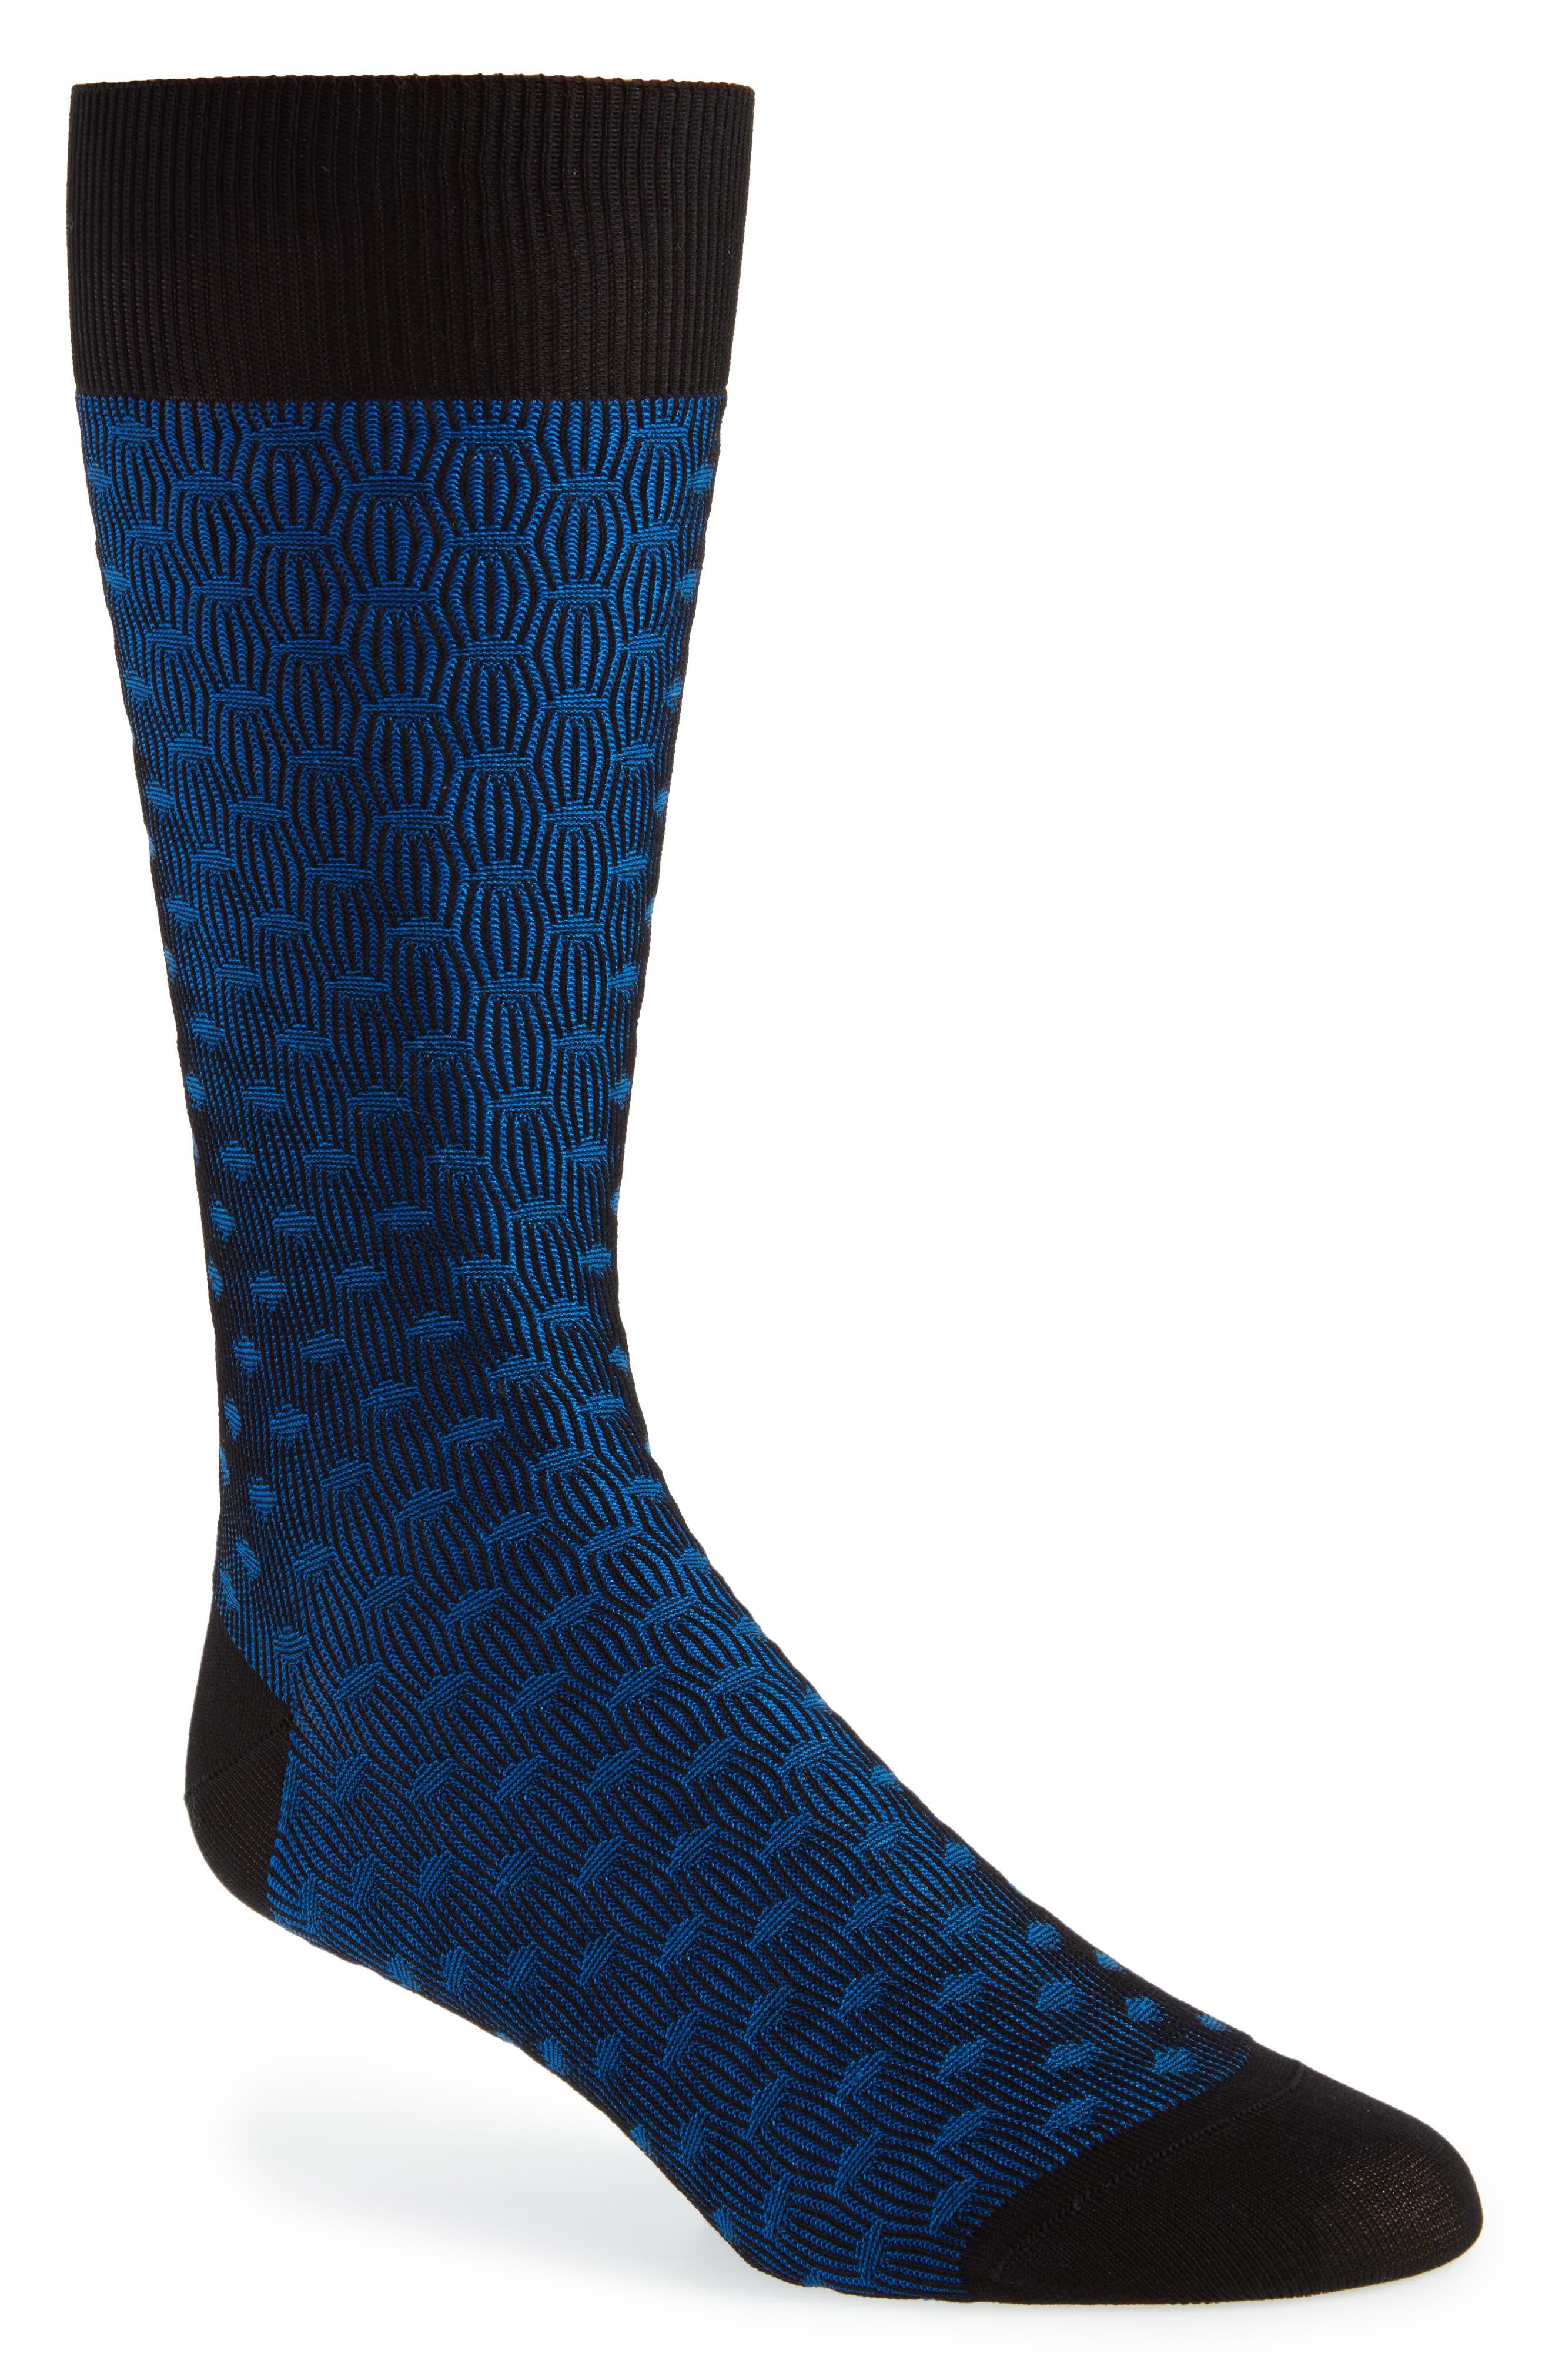 Diamond Crew Socks,                             Main thumbnail 1, color,                             Black